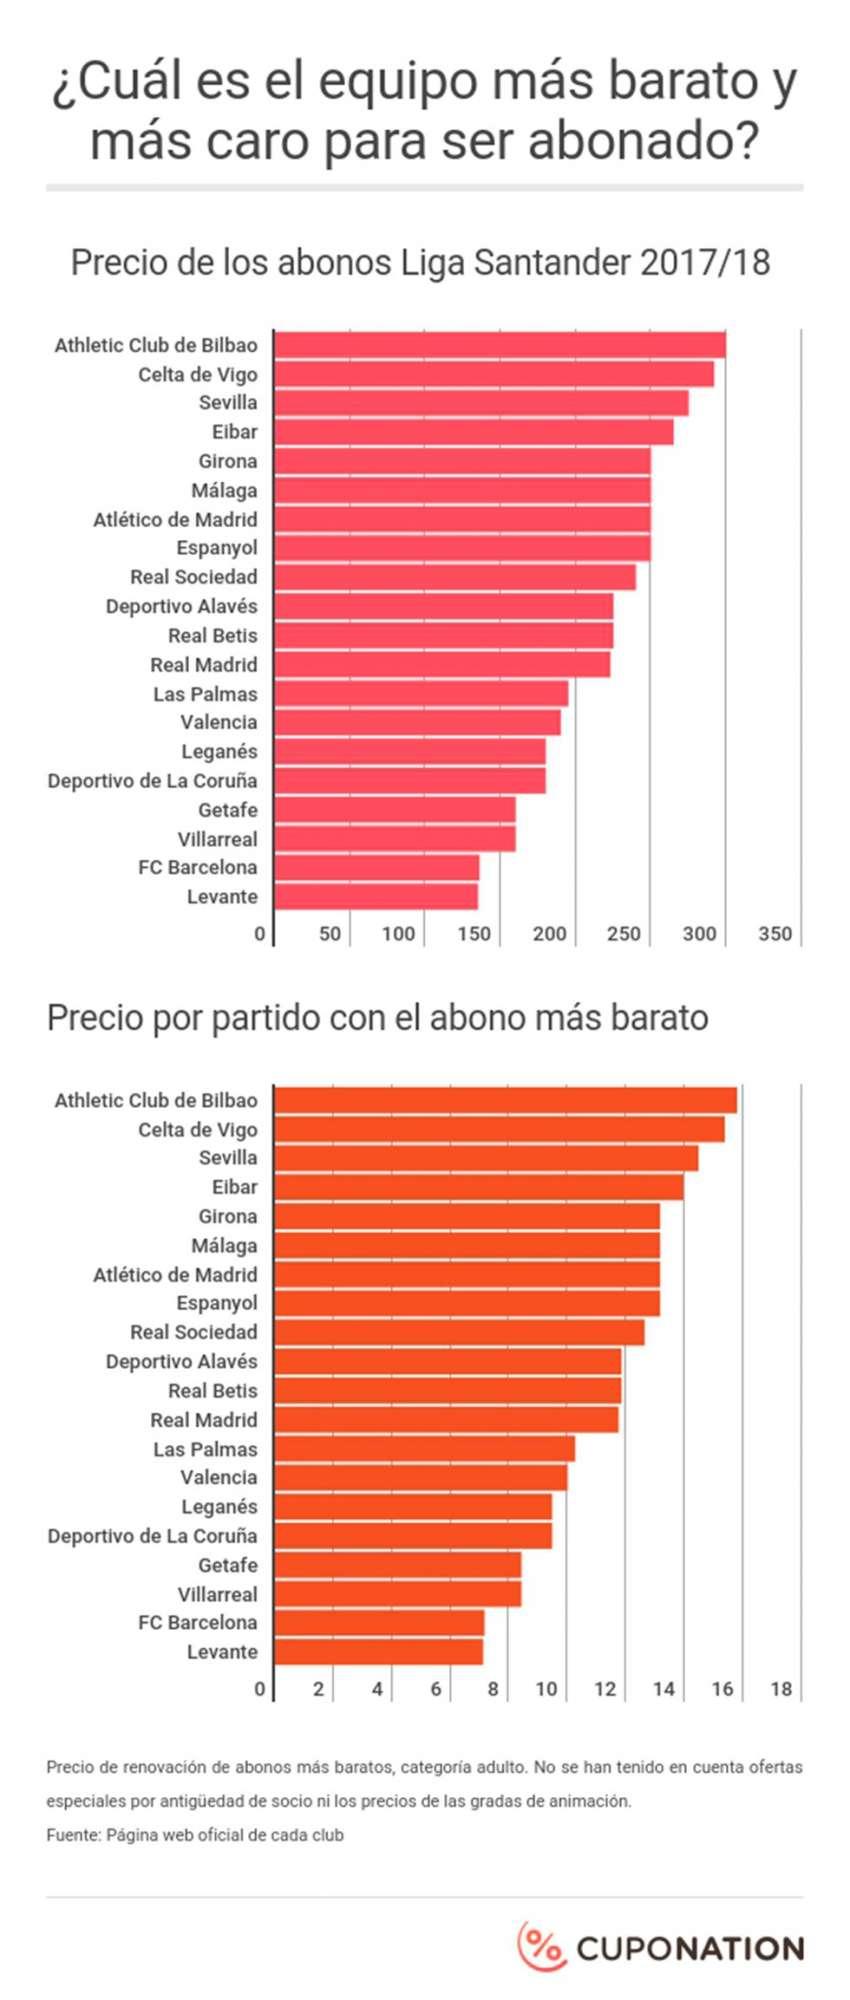 Levante y Athletic Club: los equipos con los abonos más baratos y caros de La Liga